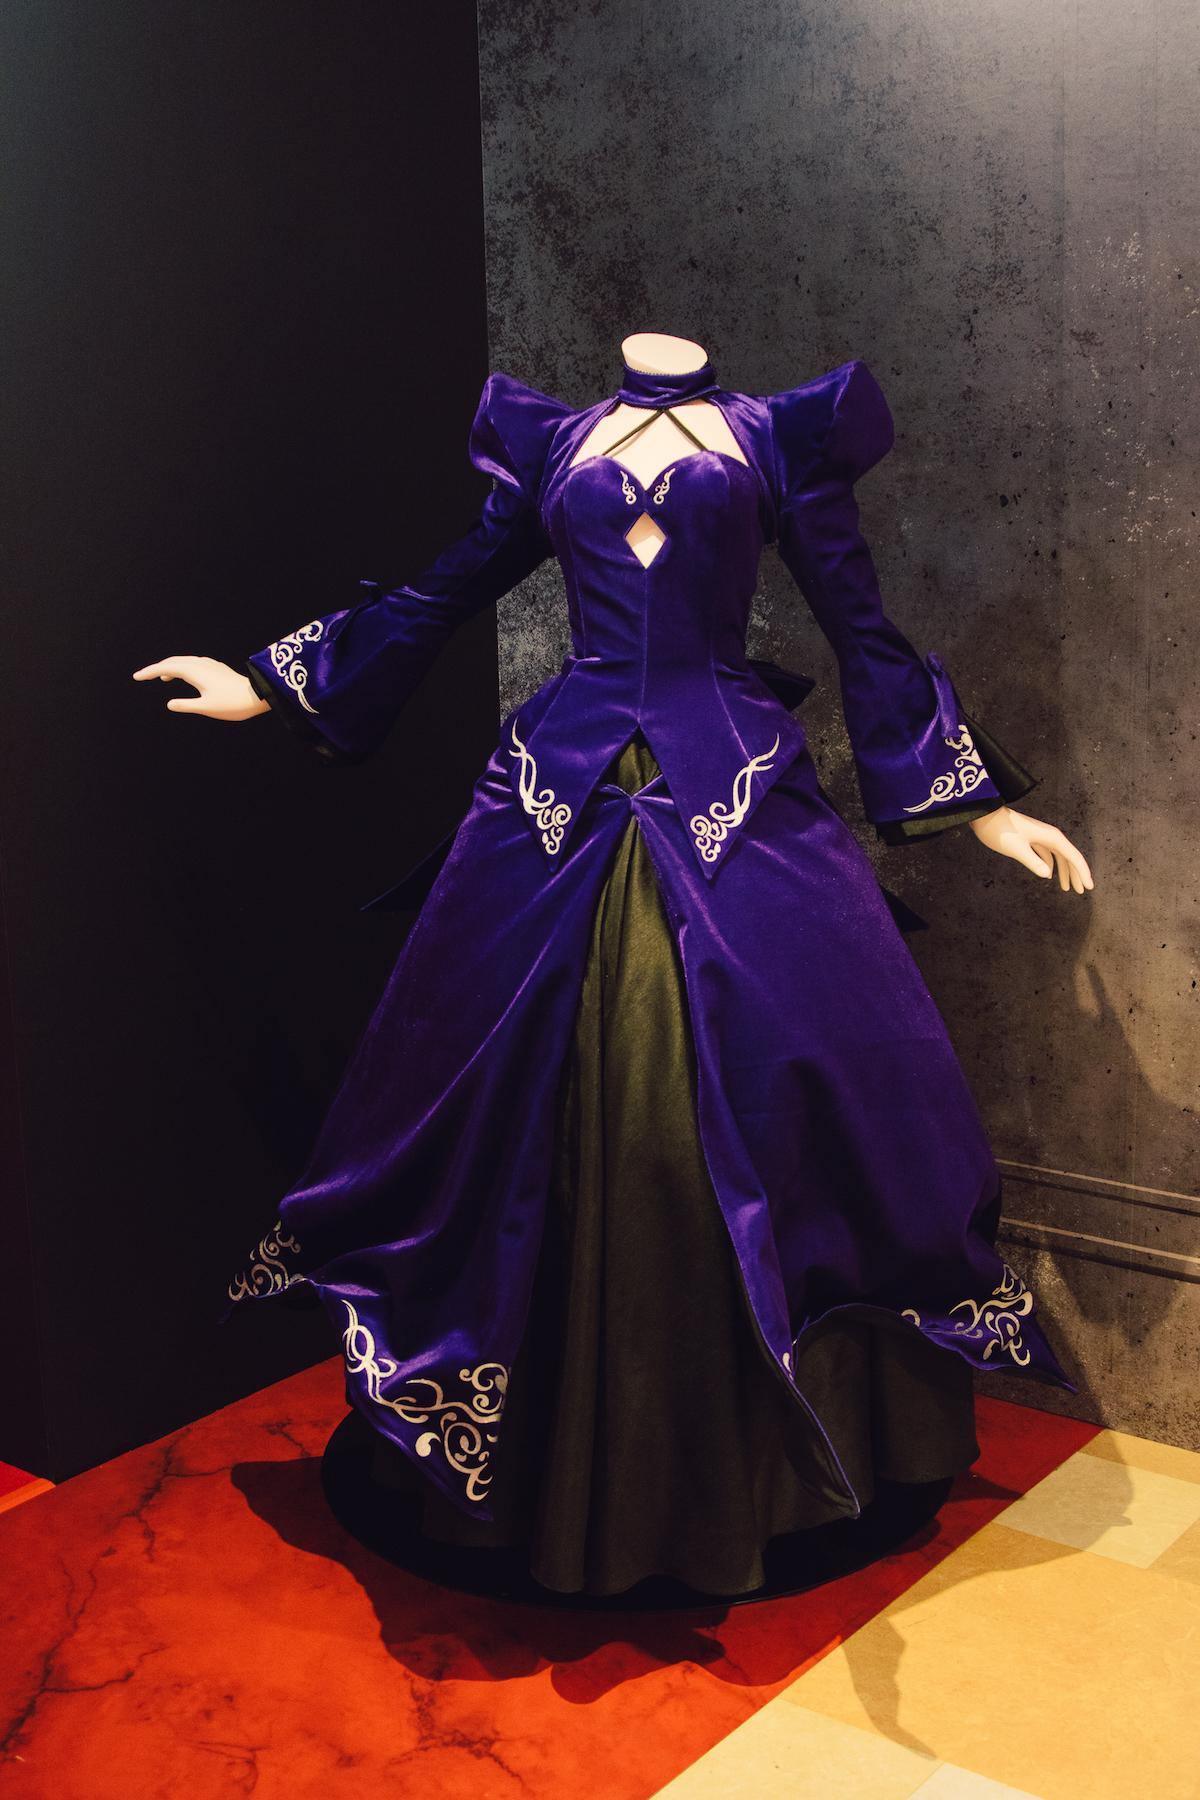 <セイバーオルタの等身ドレス>